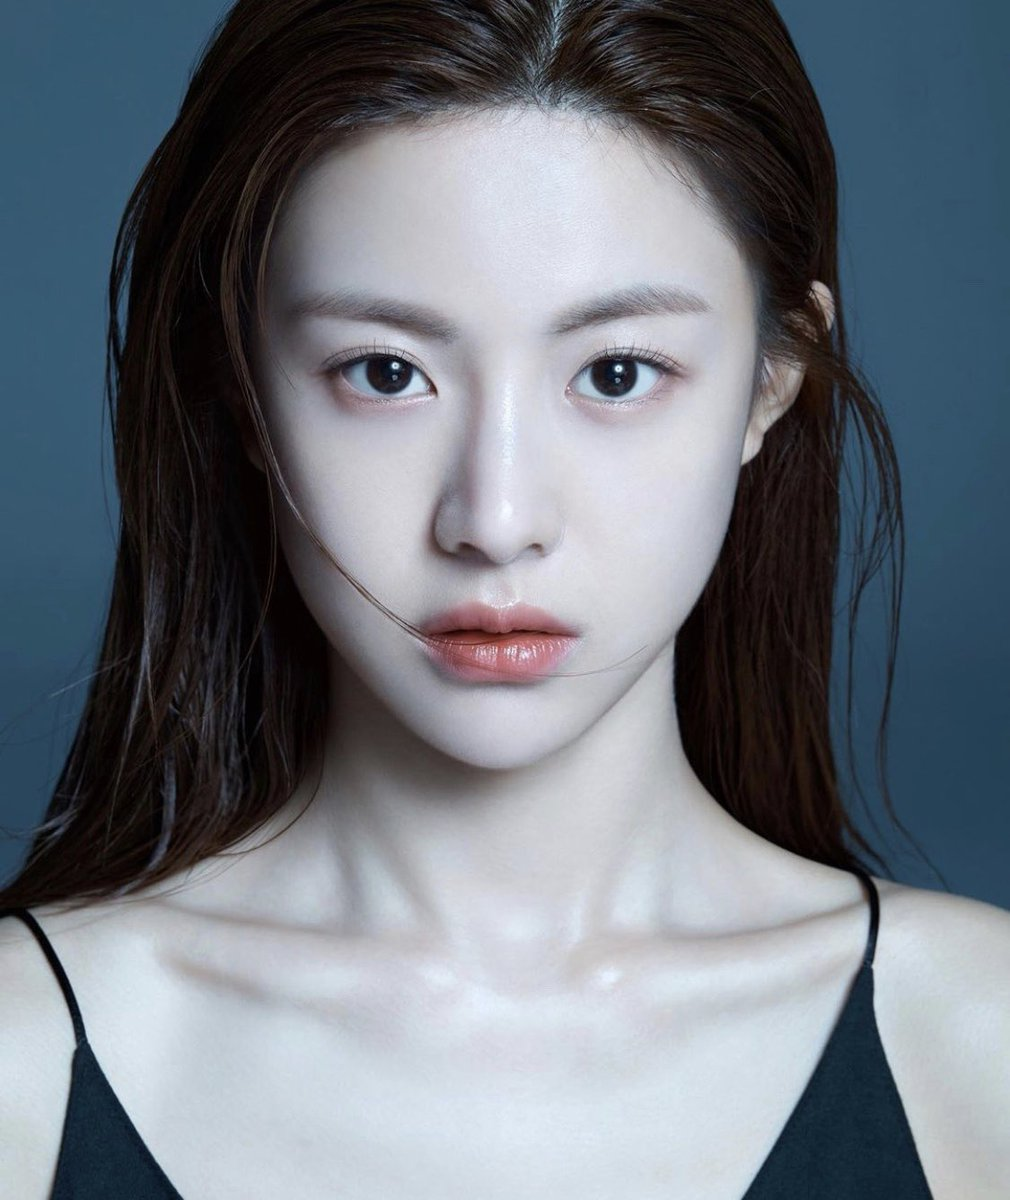 韓国の新人女優さんでおられるコ・ユンジョン(고윤정) さんまじの美女でこの完璧なお顔に圧倒されてる。インスタでちょくちょくお目にかかっていたので凄く気になっていて…モデルさんかと思っていましたが女優さんでしたか。この美貌ならいろんな広告モデルに抜擢されるのも納得